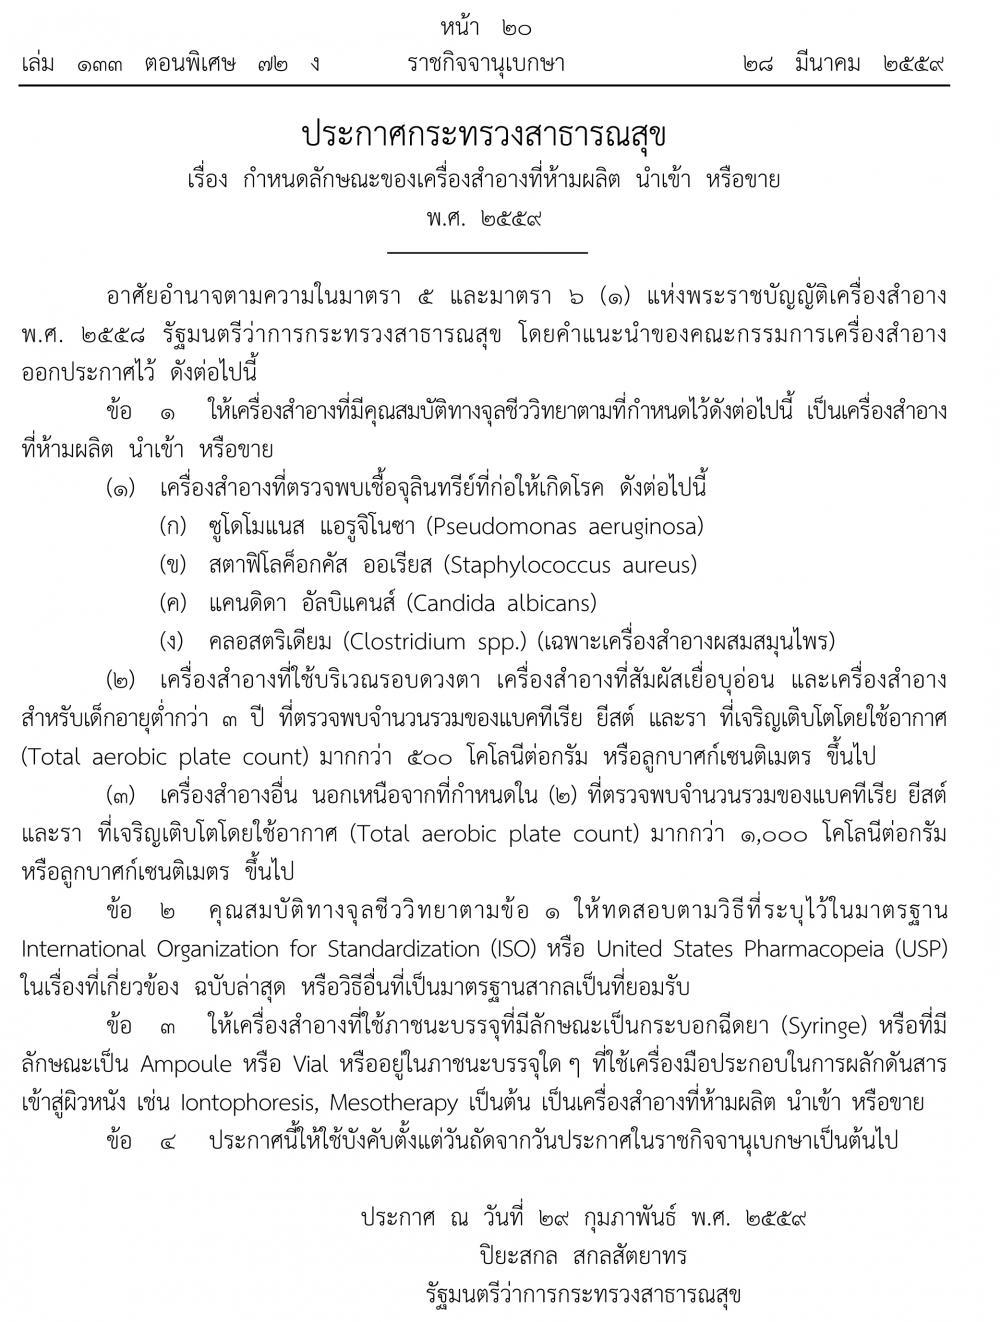 ประกาศกระทรวงสาธารณสุข พ.ศ. 2559